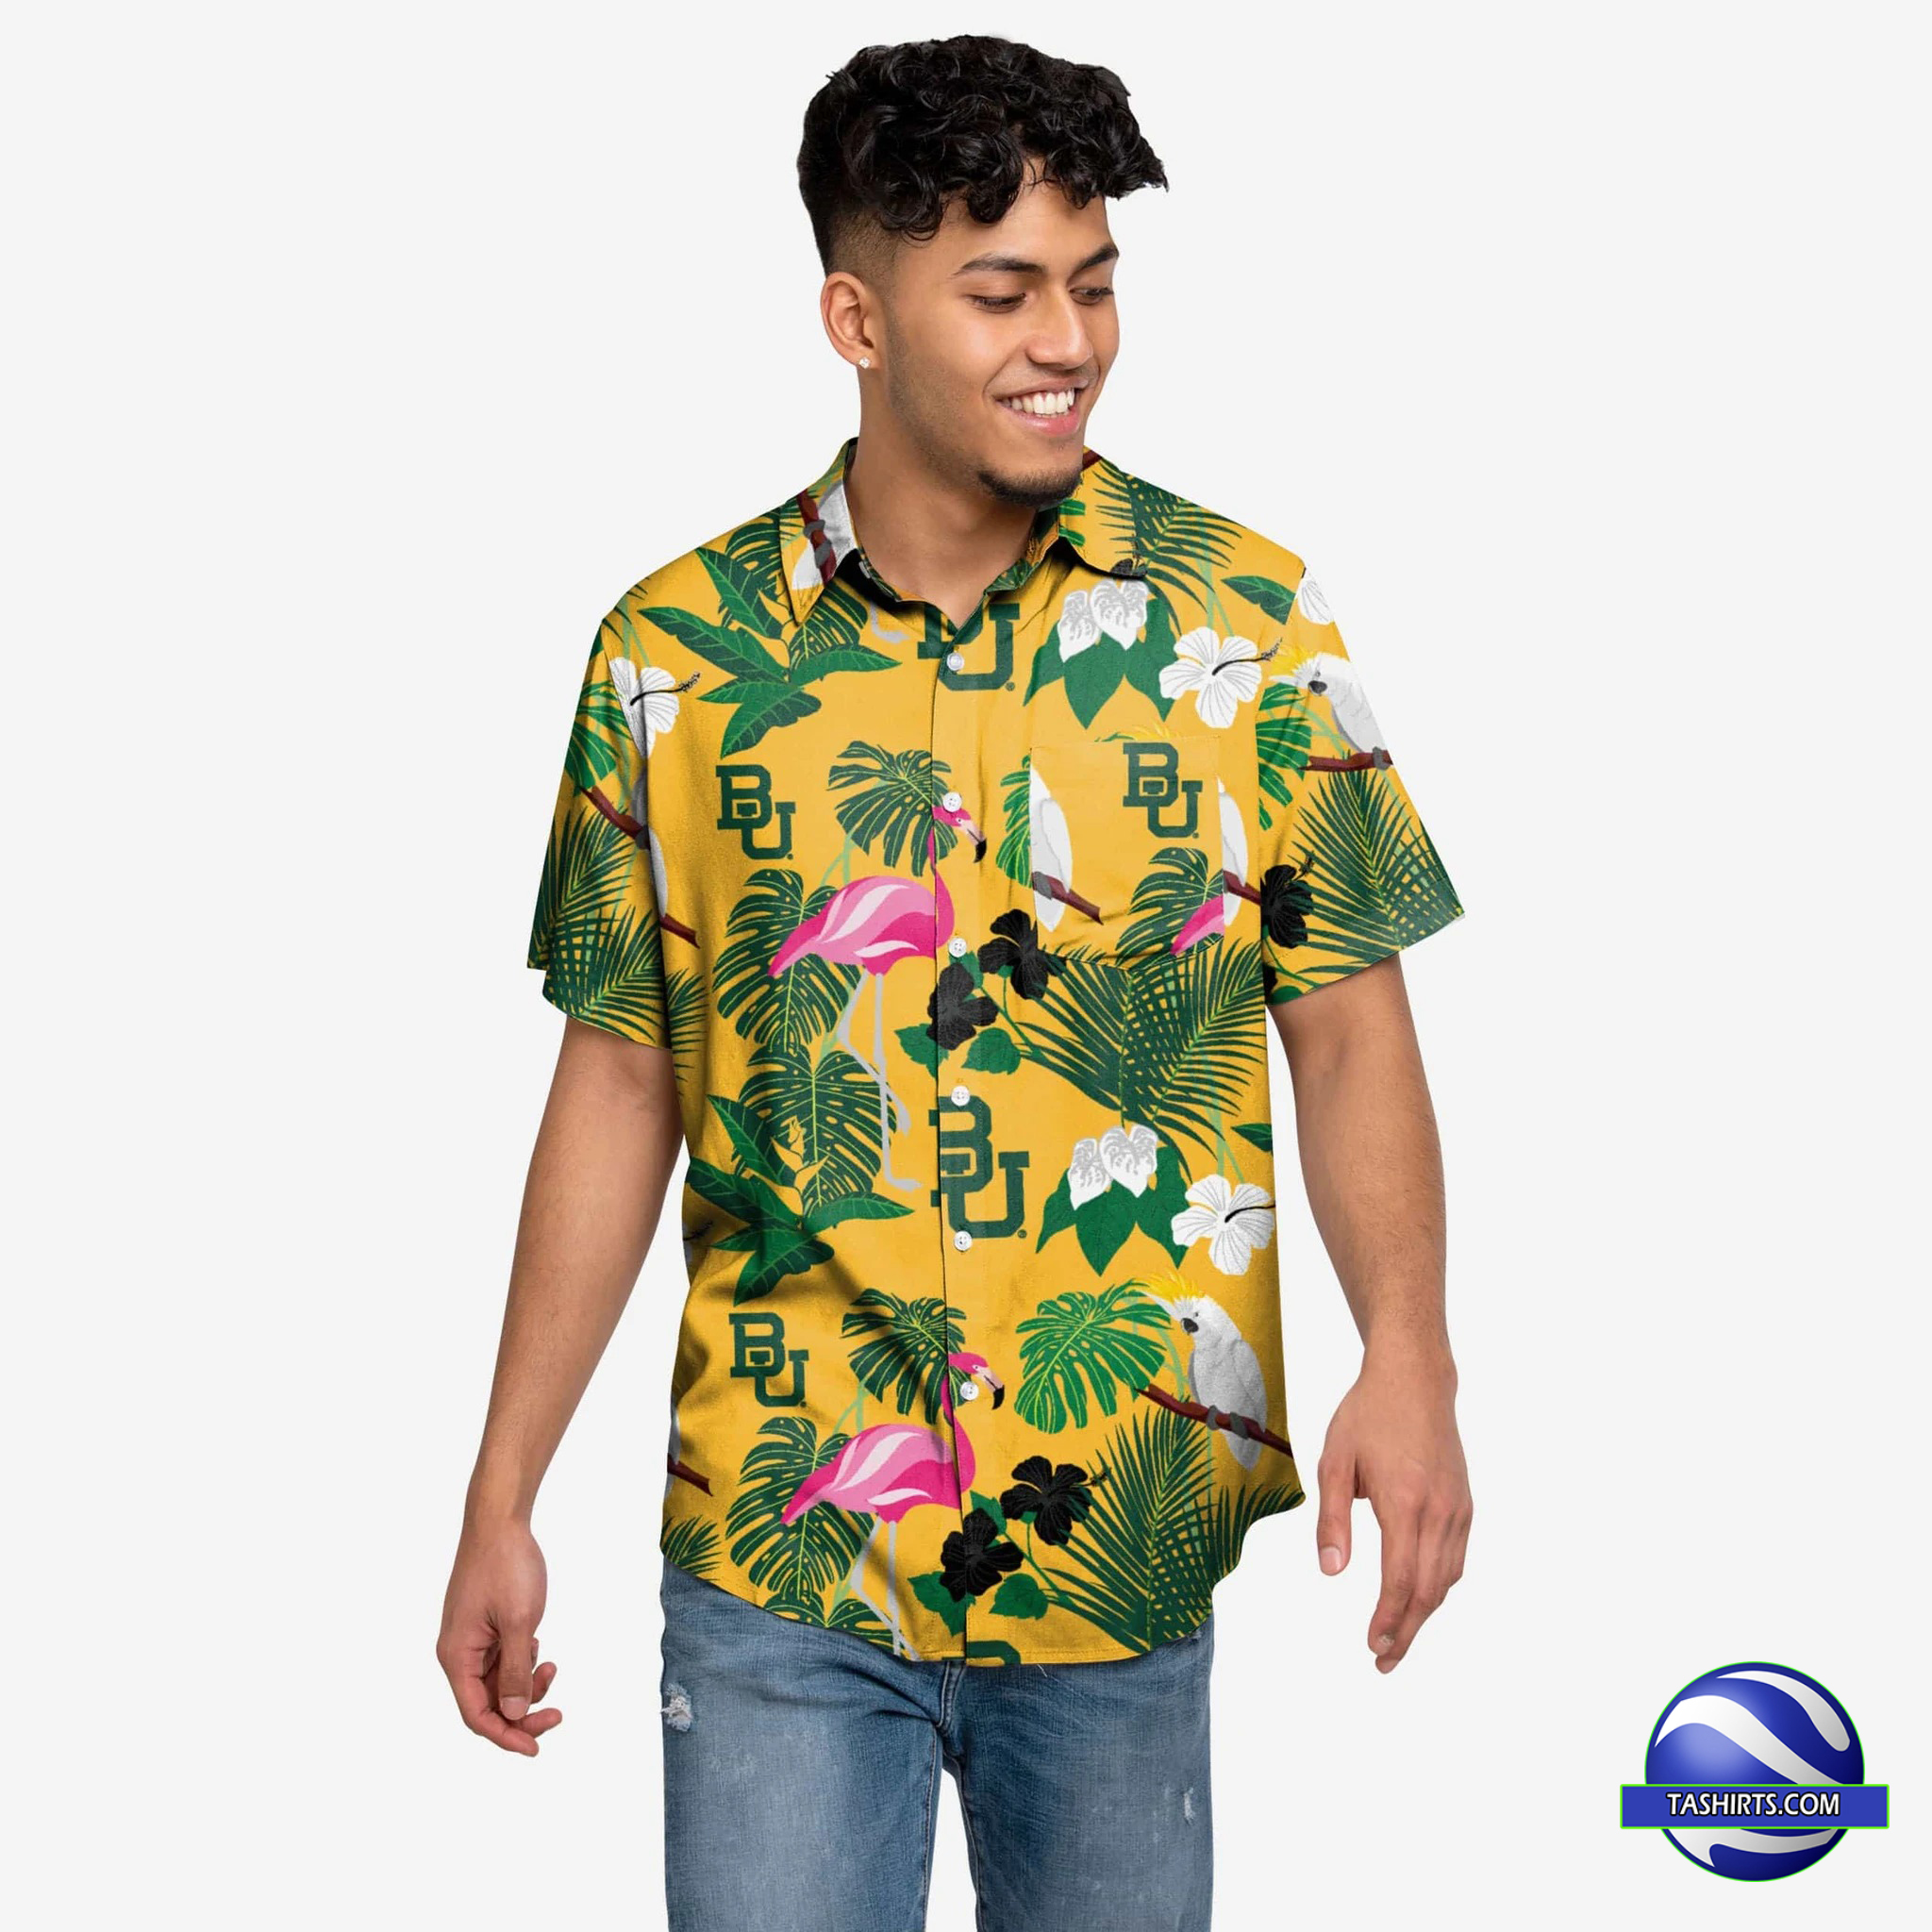 Baylor Bears NCAA Hawaiian Shirt